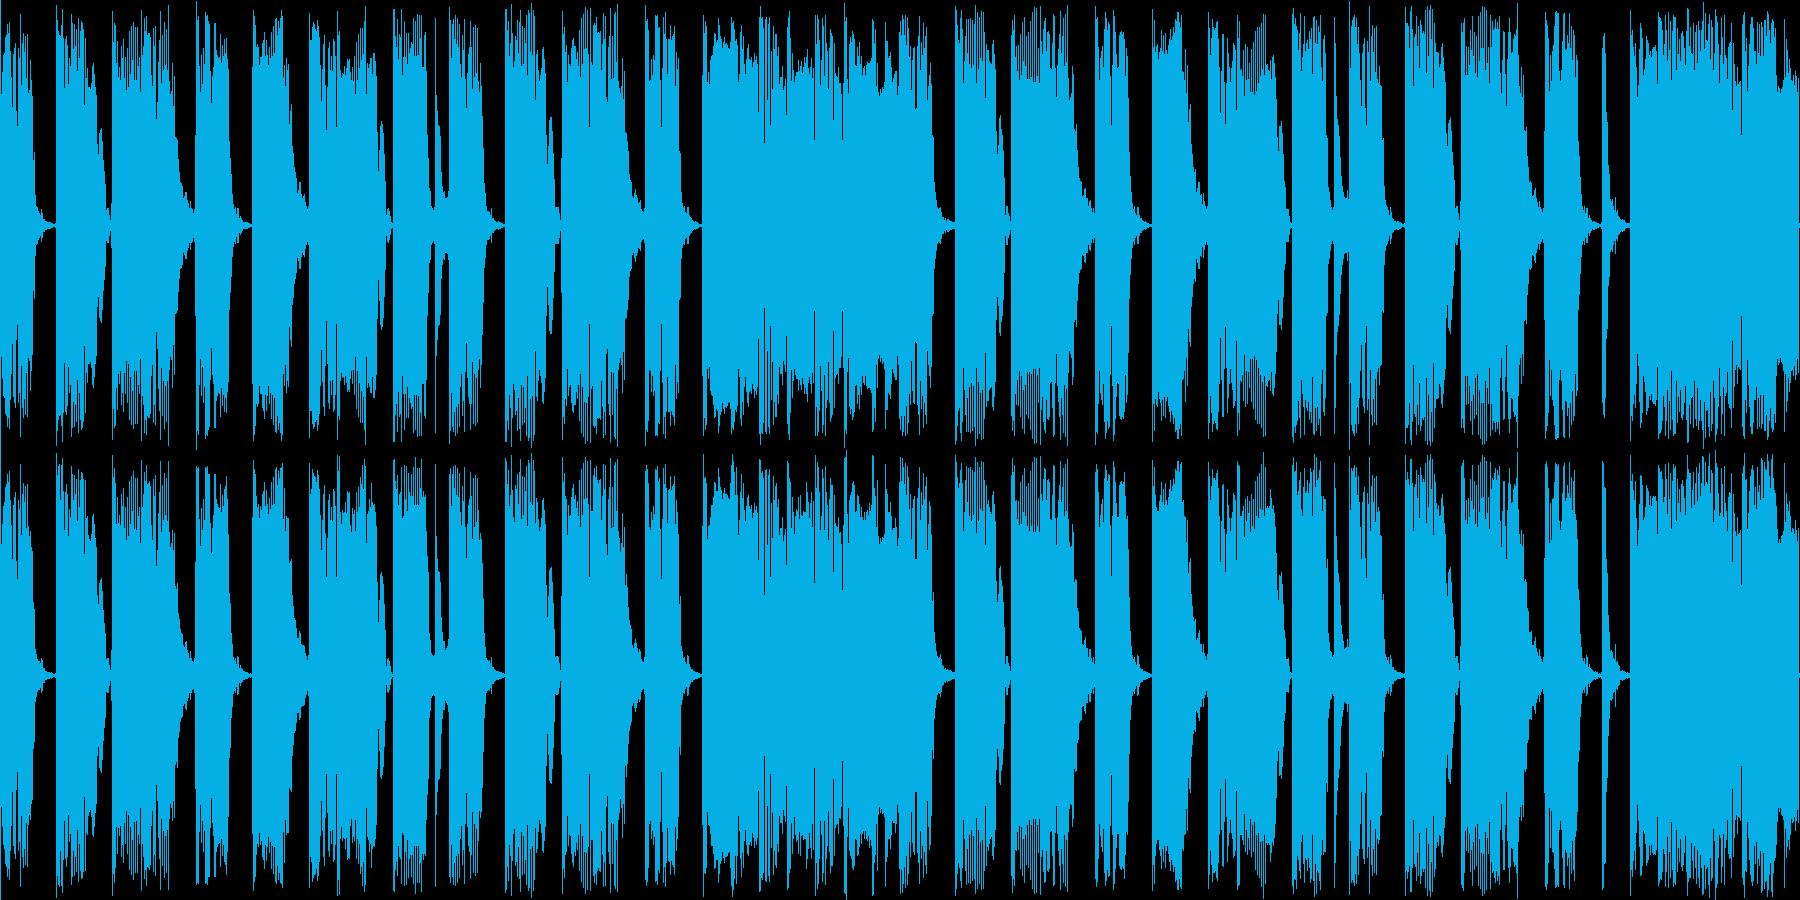 ゲームのBGM用に作曲したコミカルなル…の再生済みの波形